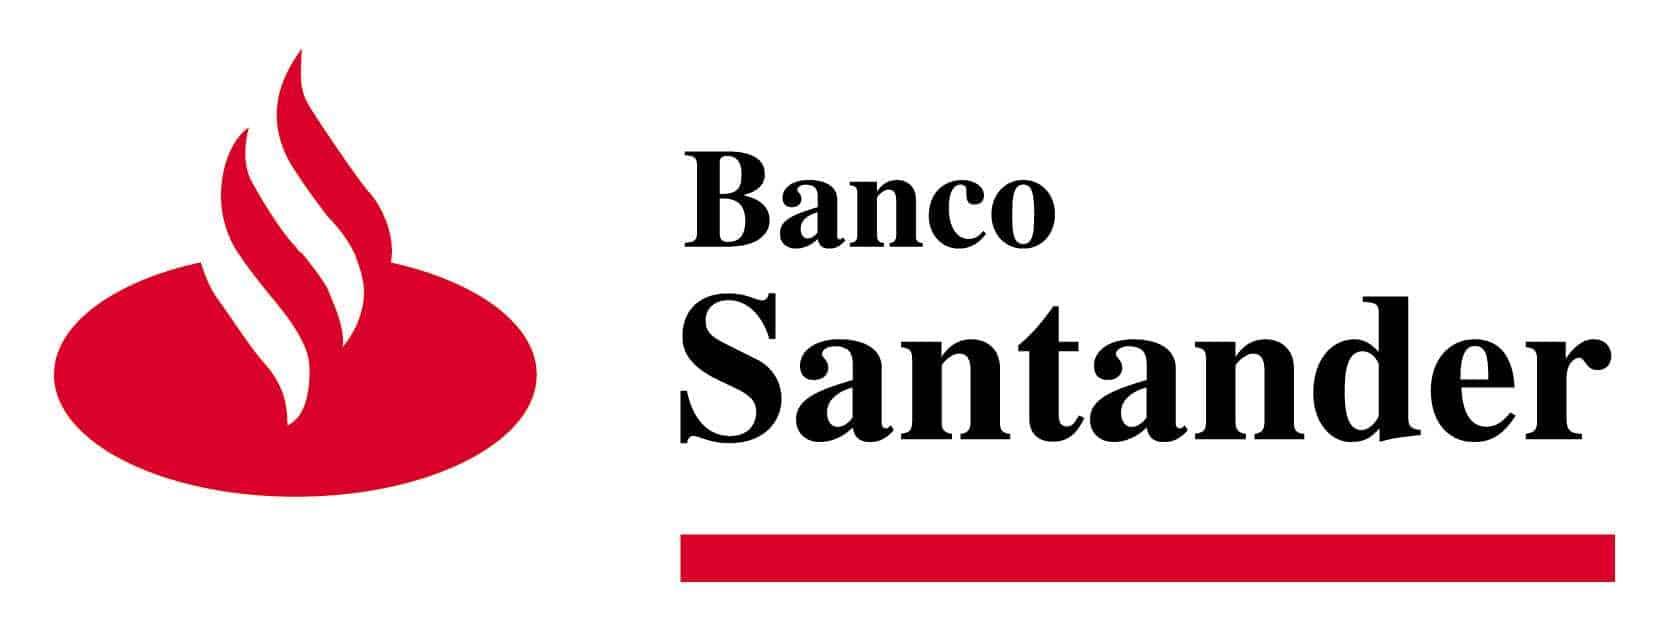 Como hab amos anticipado hace algunos meses banco for Banco santander sucursales barcelona